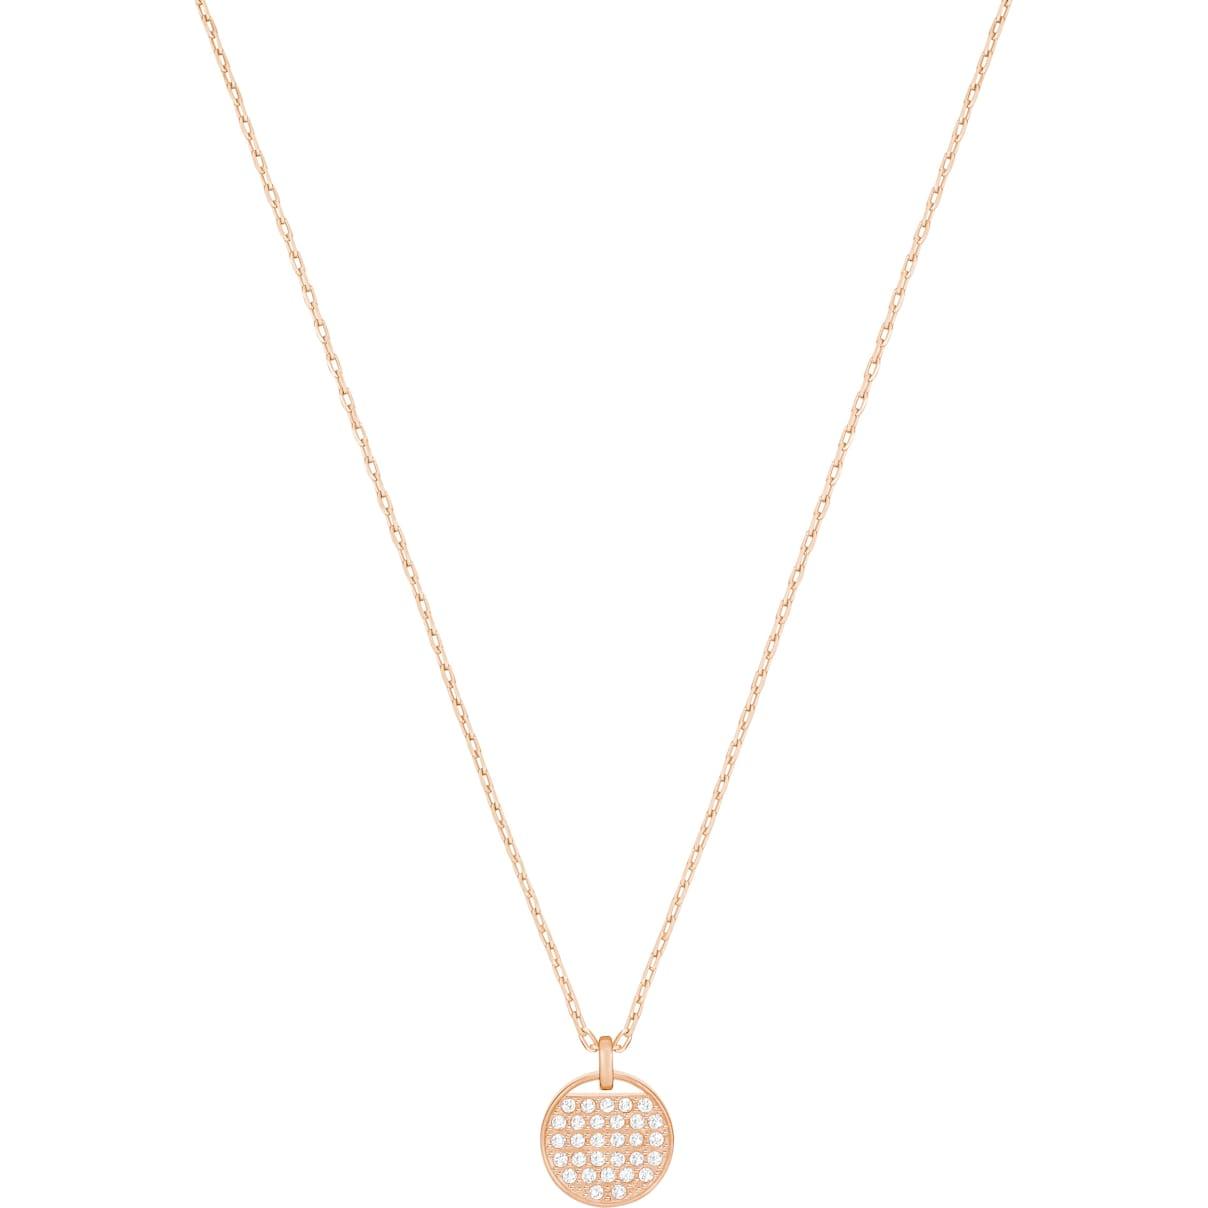 Swarovski Ginger Pendant, White, Rose-gold tone plated